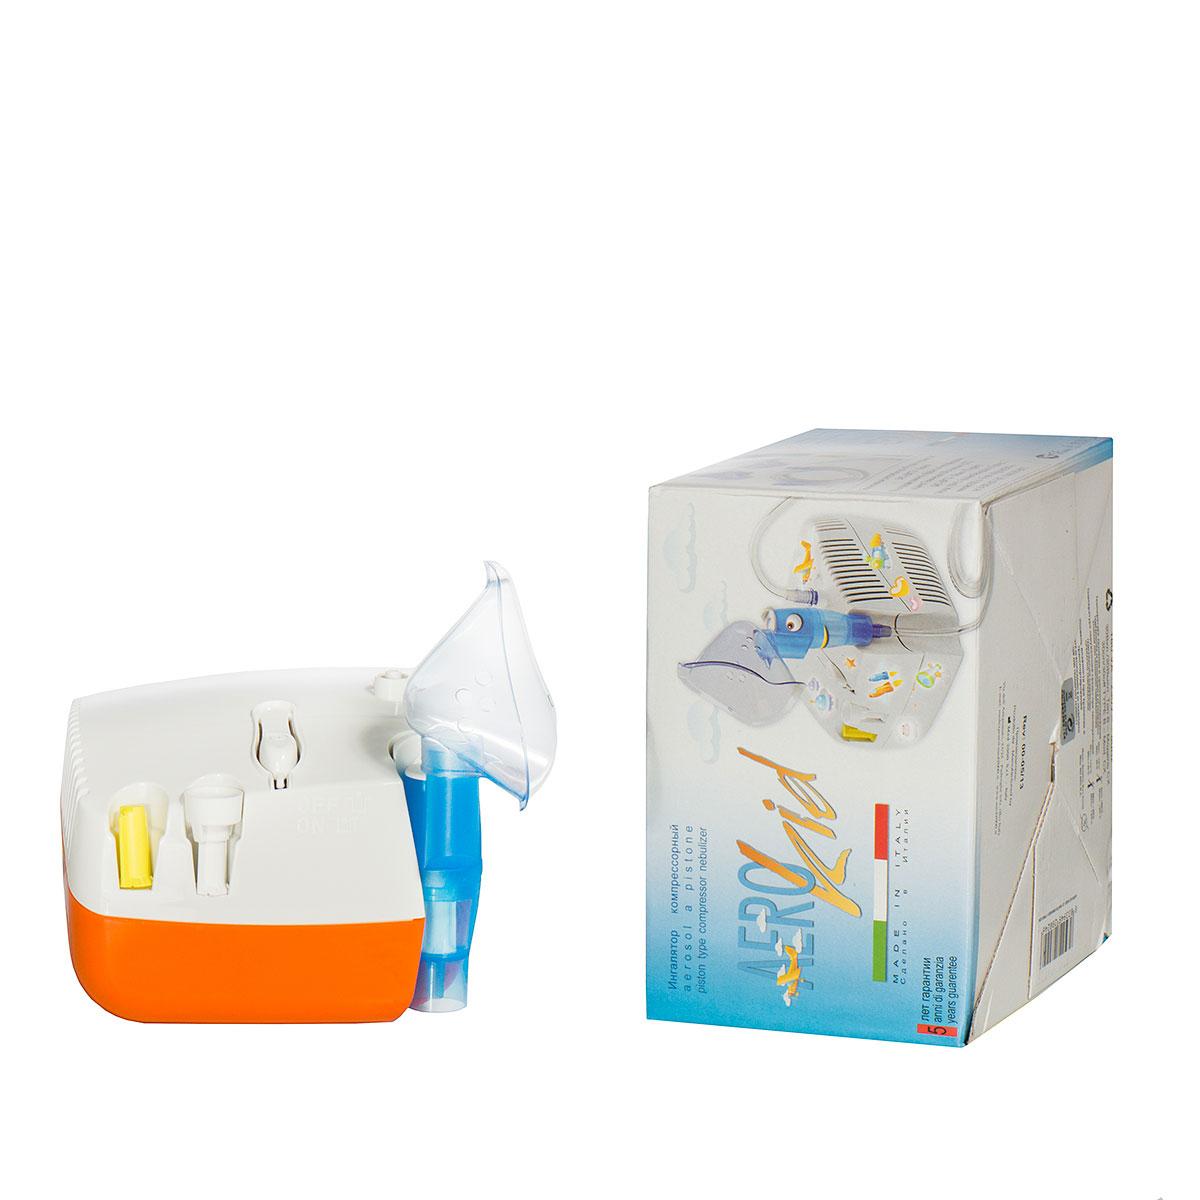 MED 2000 Ингалятор компрессорный модели СХ AERO Kid0001508Технические характеристики:- питание 220 – 240 В- давление 3 бар- расход воздуха 15 л/мин- объем резервуара 7 мл- шумовой порог 50 дБ- 3 режима работыИнгалятор AeroKid в комплекте имеет взрослую и детскую маски, цветные аппликации, которые дети смогут самостоятельно наклеить и разукрасить прибор. Все съемные детали легко снимаются, надеваются, после каждого применения их необходимо мыть и сушить.Комплект поставки:- небулайзер- силиконовая трубка- детская и взрослая маски- мундштук- сменные фильтры- 3 пистона- переходник- цветные аппликации- инструкция по применению- Срок гарантии 5 летИнгалятор детский AeroKid Модель 2013 года MED2000 ITALY - позволяет удобно проводить аэрозольную терапию детям и взрослым. Компактность, легкость и доступность детского компрессорного небулайзера МЕД2000 Аэрокид, предназначенного для аэрозольной терапии, имеющего электрический поршневый компрессор, пришлись очень кстати для домашнего использования. От предыдущих моделей он отличается мощным двигателем с новой системой работы компрессора, позволяющим проводить более эффективные и длительные процедуры ингаляции.Эффективный способ лечения заболевания дыхательных путейИнгаляторы имеют весьма широкую сферу применения. Эти популярные медицинские приборы созданы для того, чтобы можно было принимать лекарственные средства путем их вдыхания, таким образом увеличивая полезное действие препаратов. Эффективен метод ингаляции для лечения различных заболеваний дыхательных путей. Этим удобным и простым устройством вы сможете в домашних условиях осуществлять комплексное лечение, используя различные лекарственные средства. Существуют разные типы ингаляторов.Компрессорный ингалятор для детей MED2000 CX AeroKid является устройством, предназначенным для жидких лекарственных веществ. Действие сжатого воздуха от компрессора преобразует жидкость в мелкодисперсный аэрозоль. Для максимально глубокого проникновения частиц лекарственных средств в дыхател